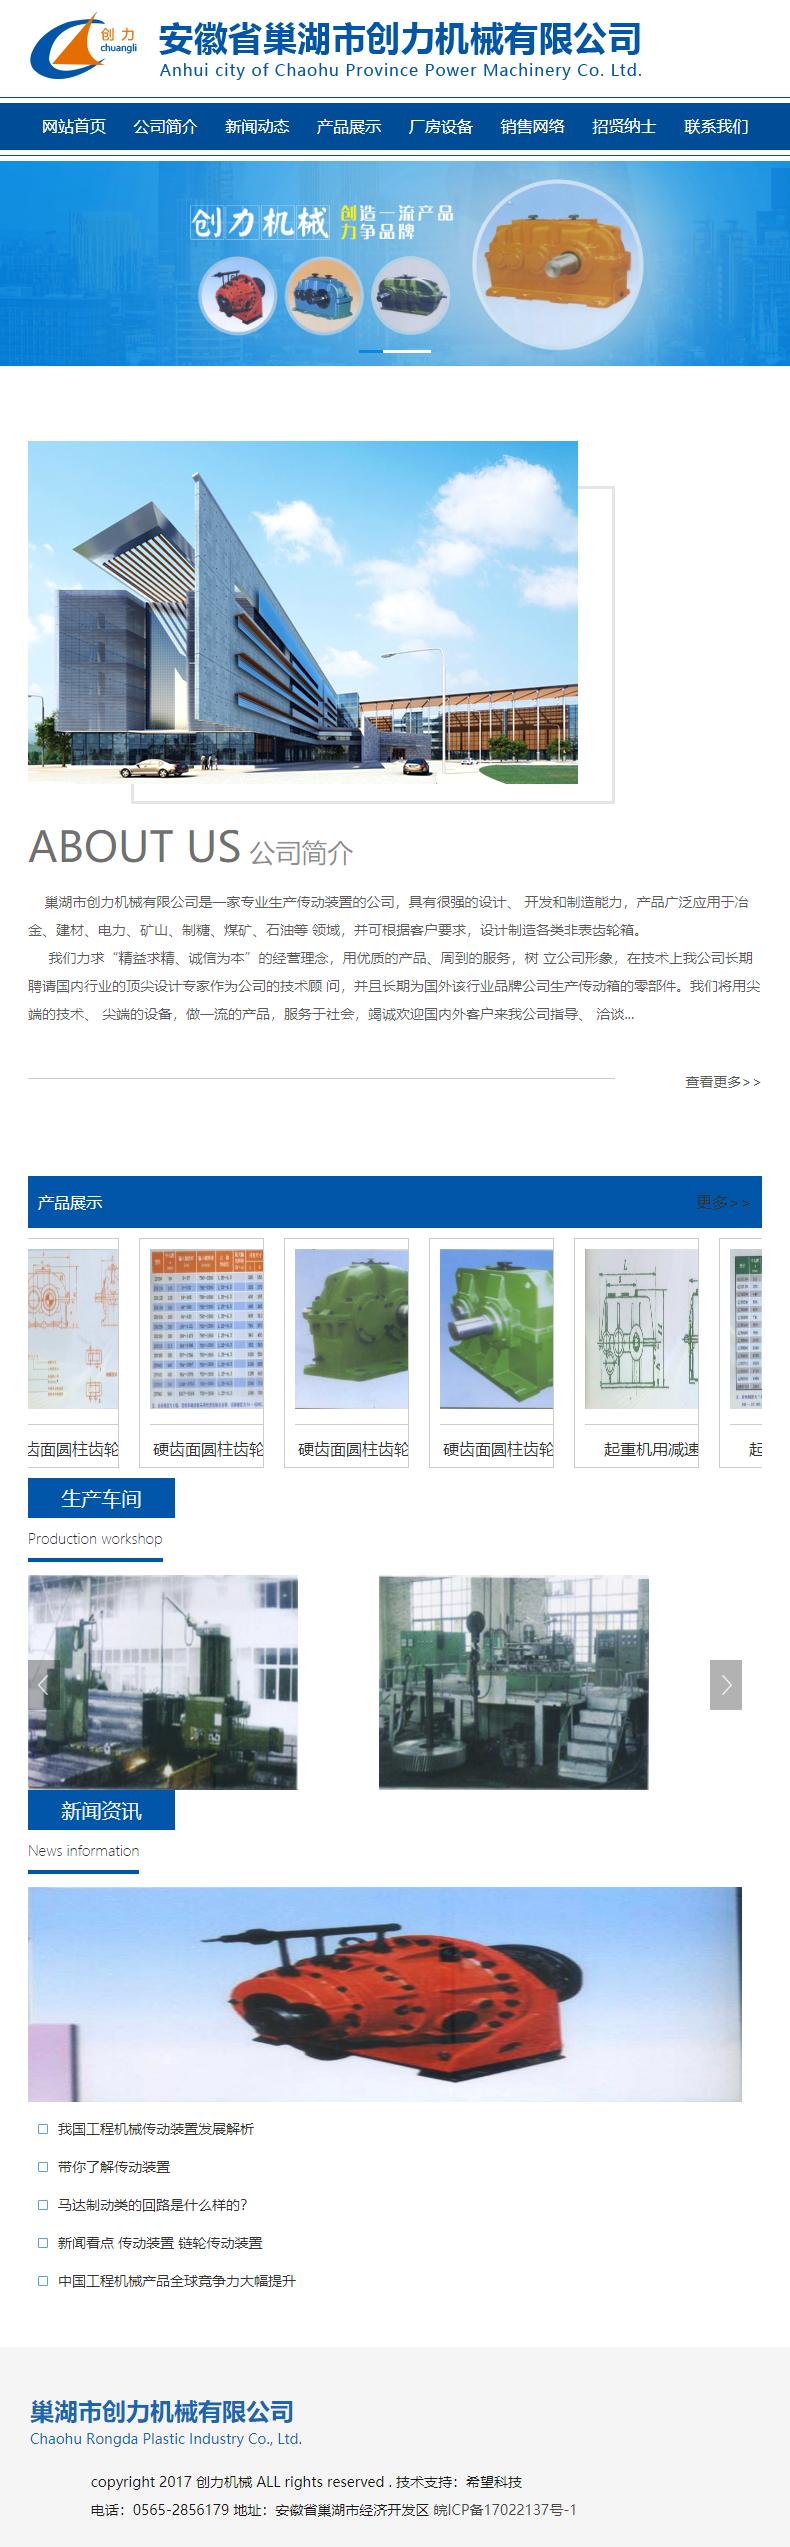 安徽省巢湖市创力机械有限公司网站案例